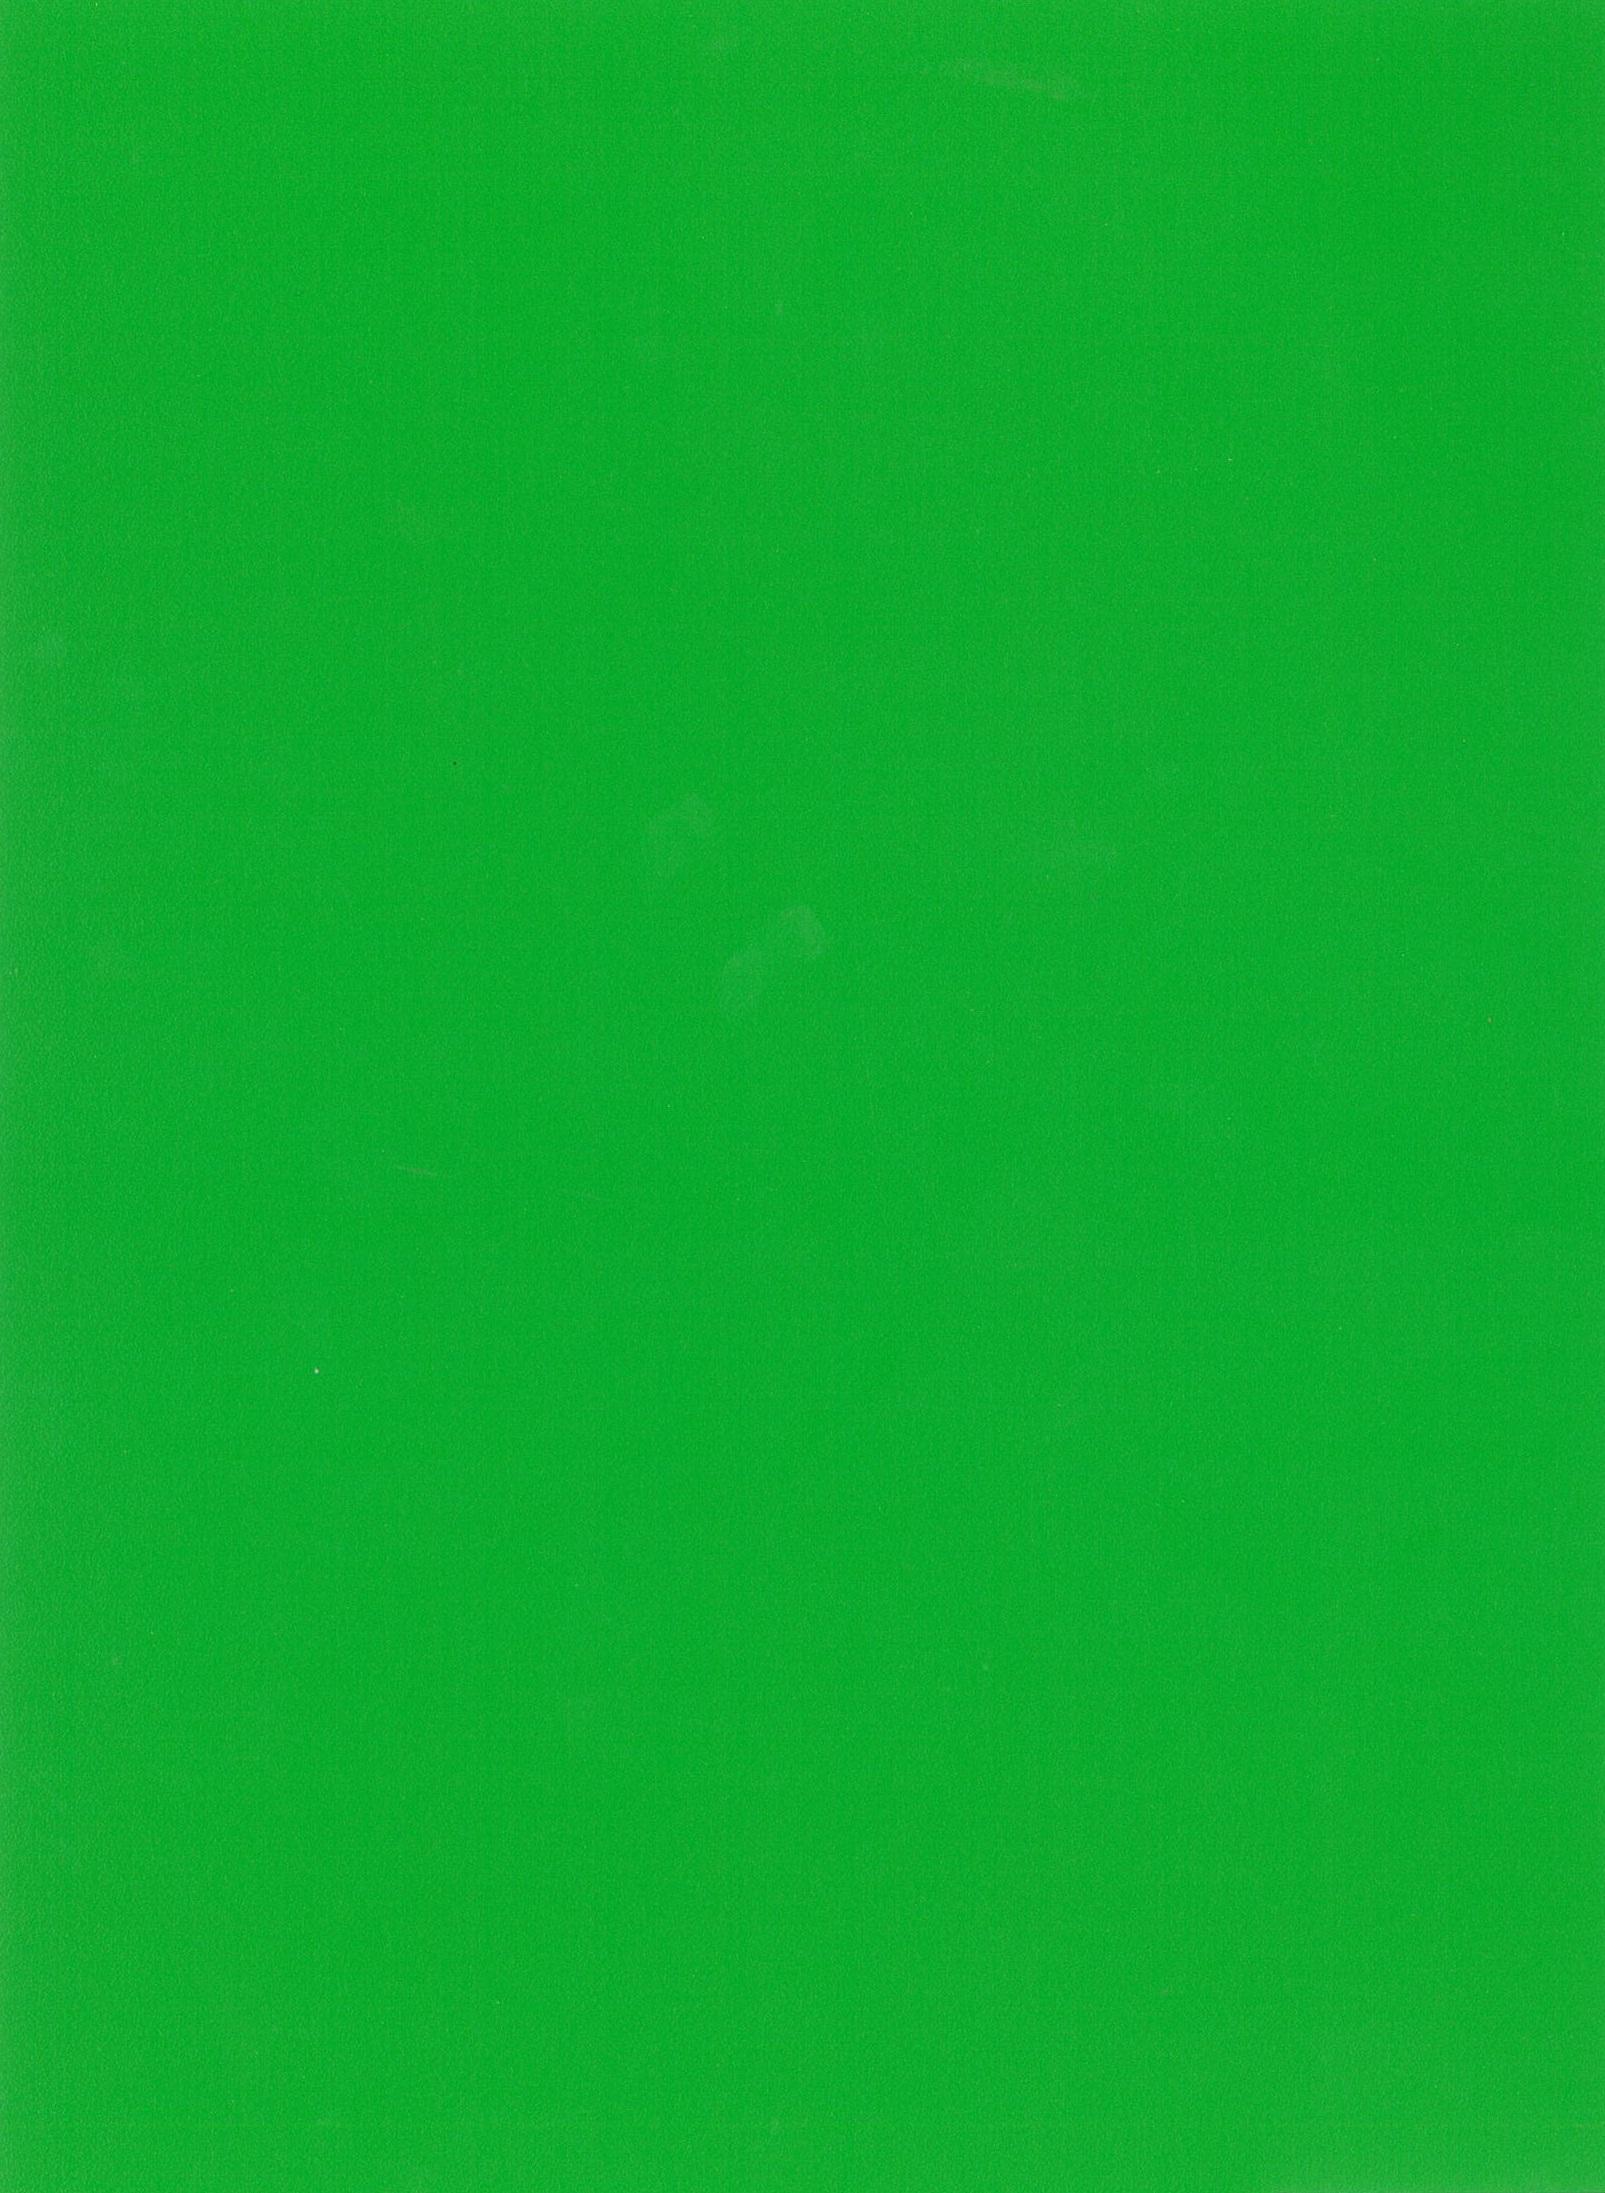 Lemon Green   EDL